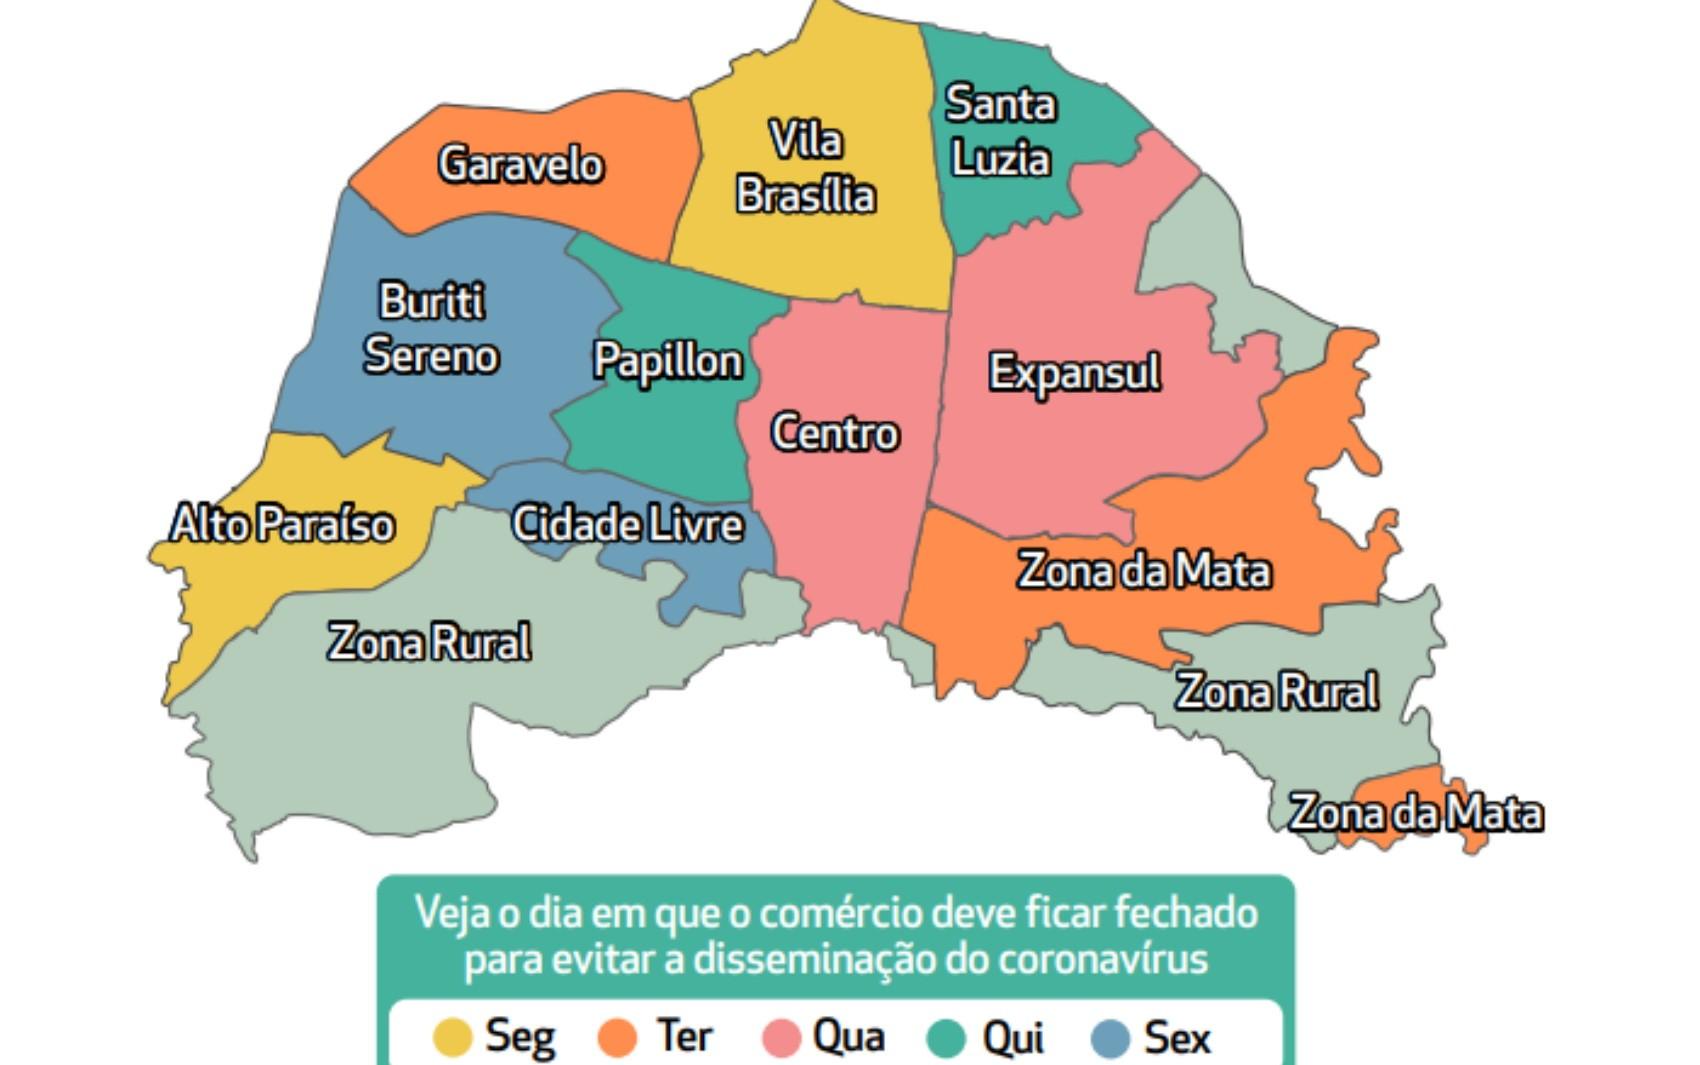 Prefeitura de Aparecida de Goiânia inicia rodízio com dois dias do comércio fechado por macrozona